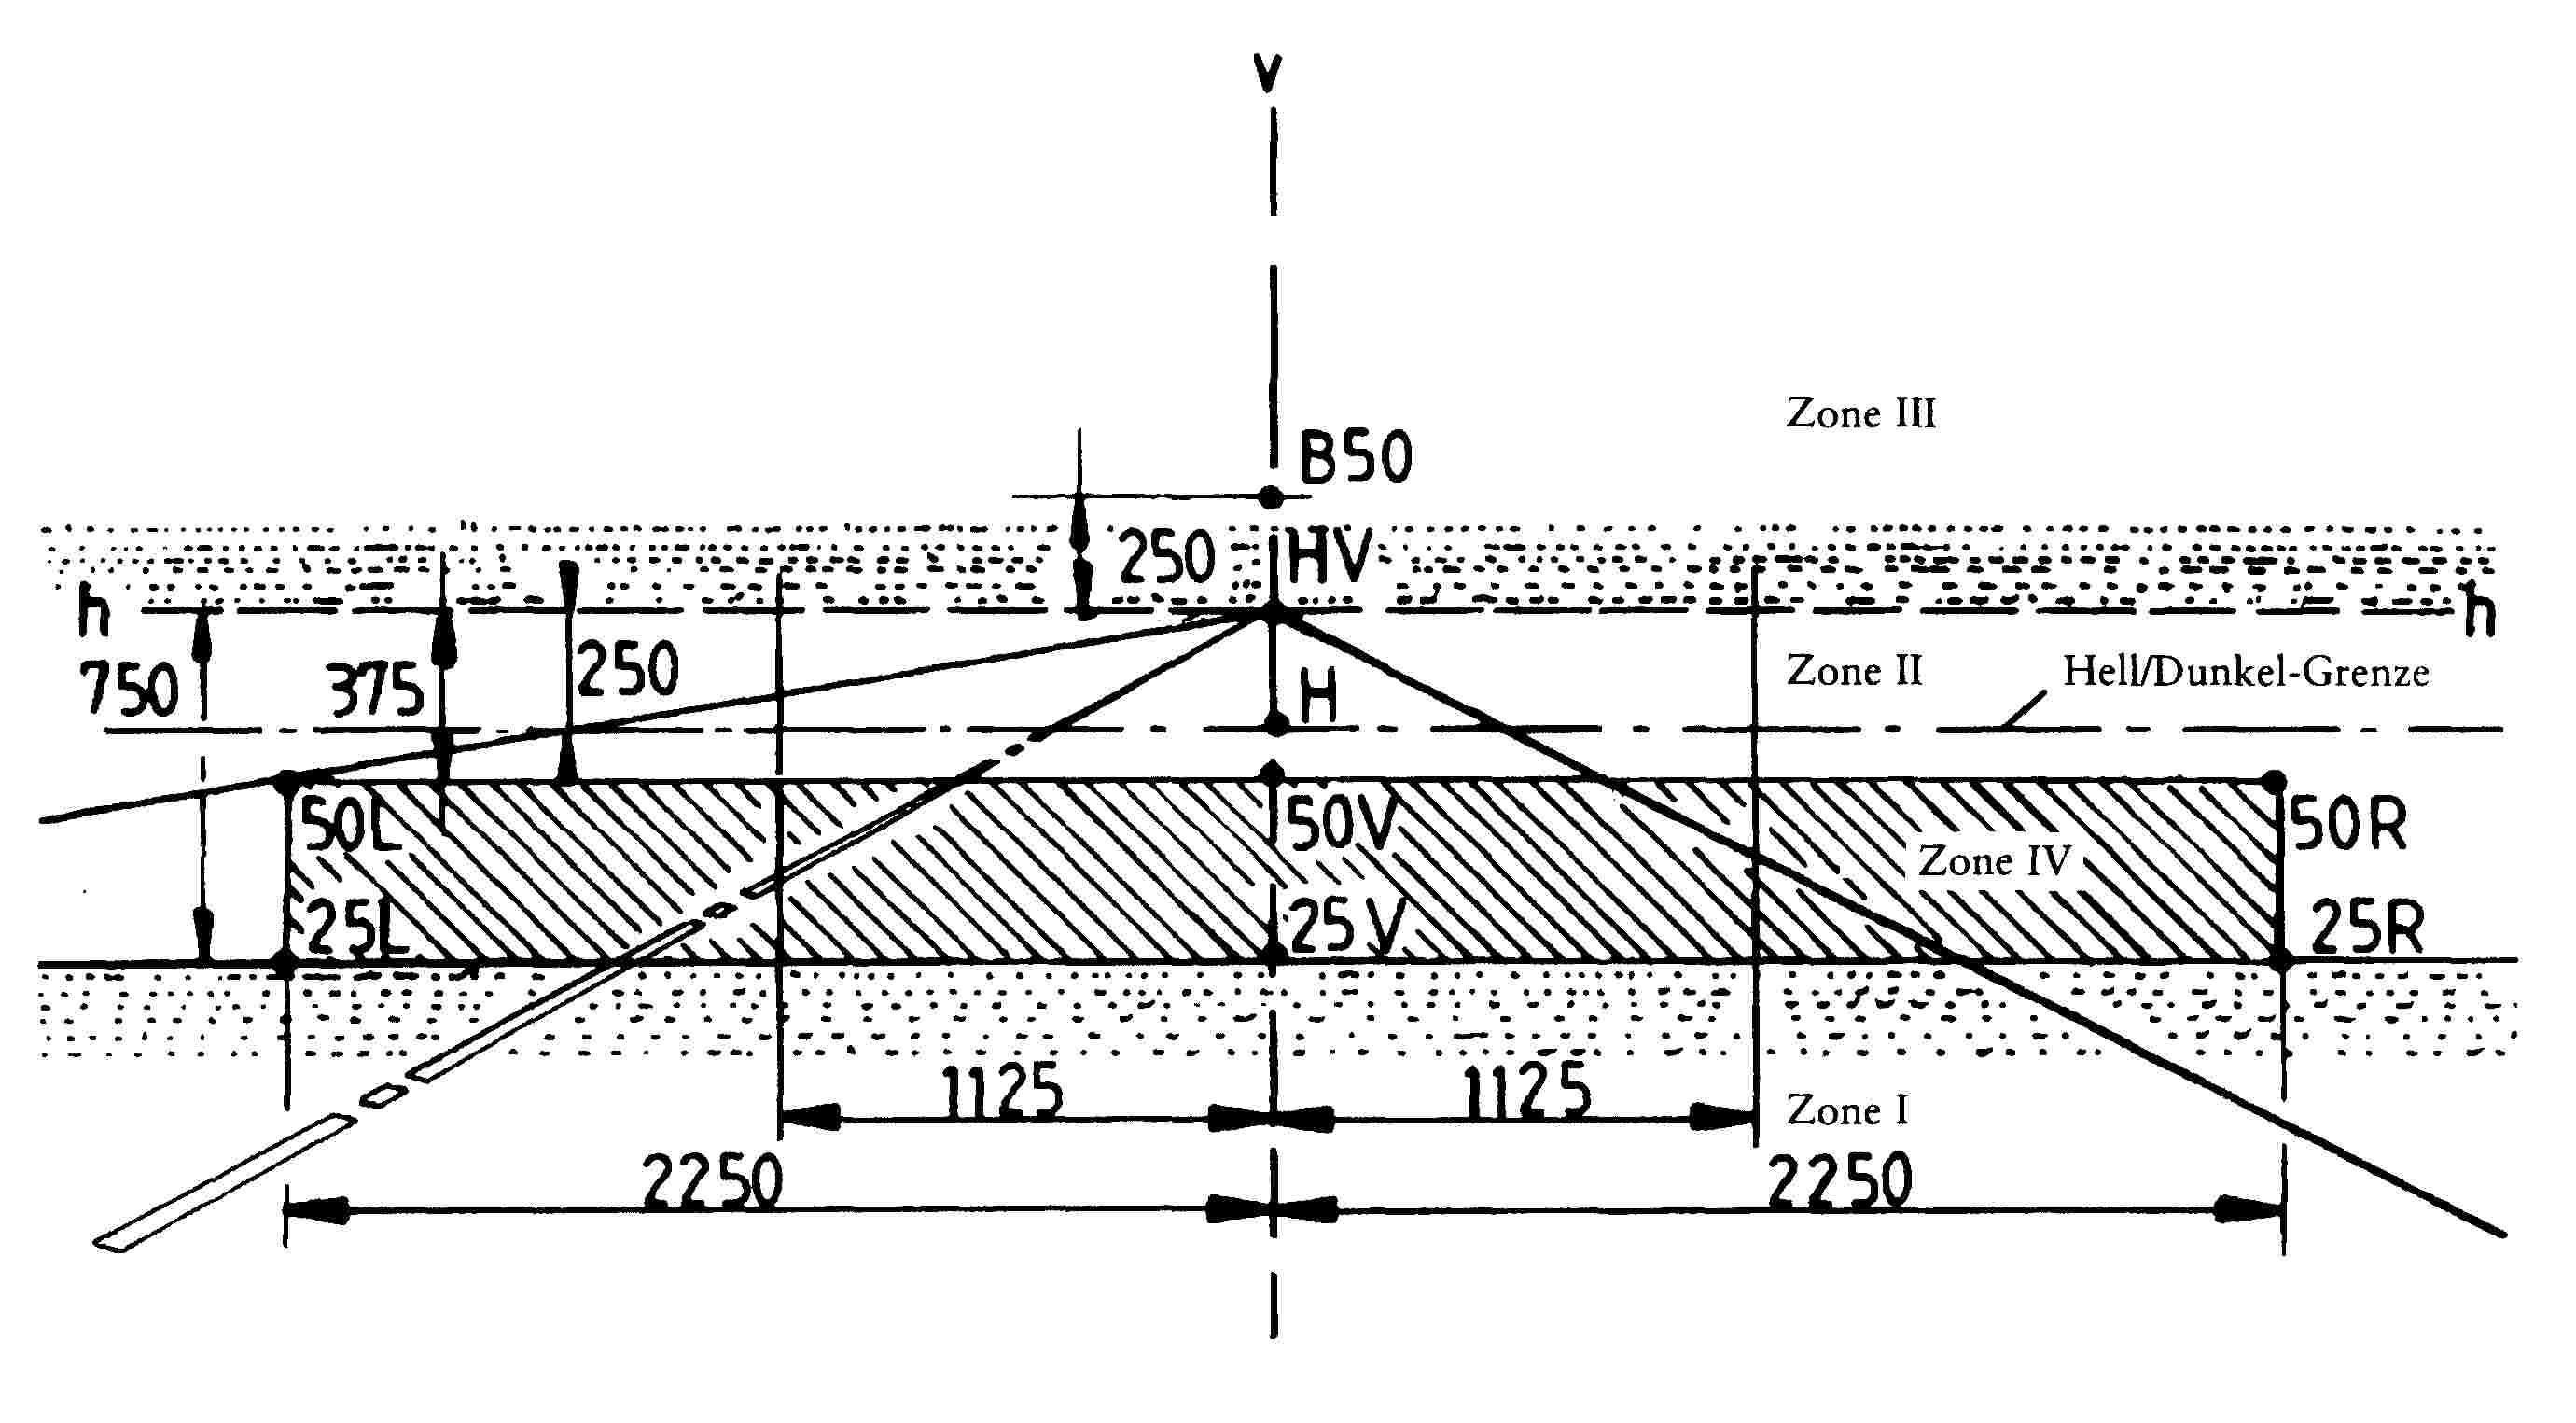 EUR-Lex - 01997L0024-20060328 - EN - EUR-Lex